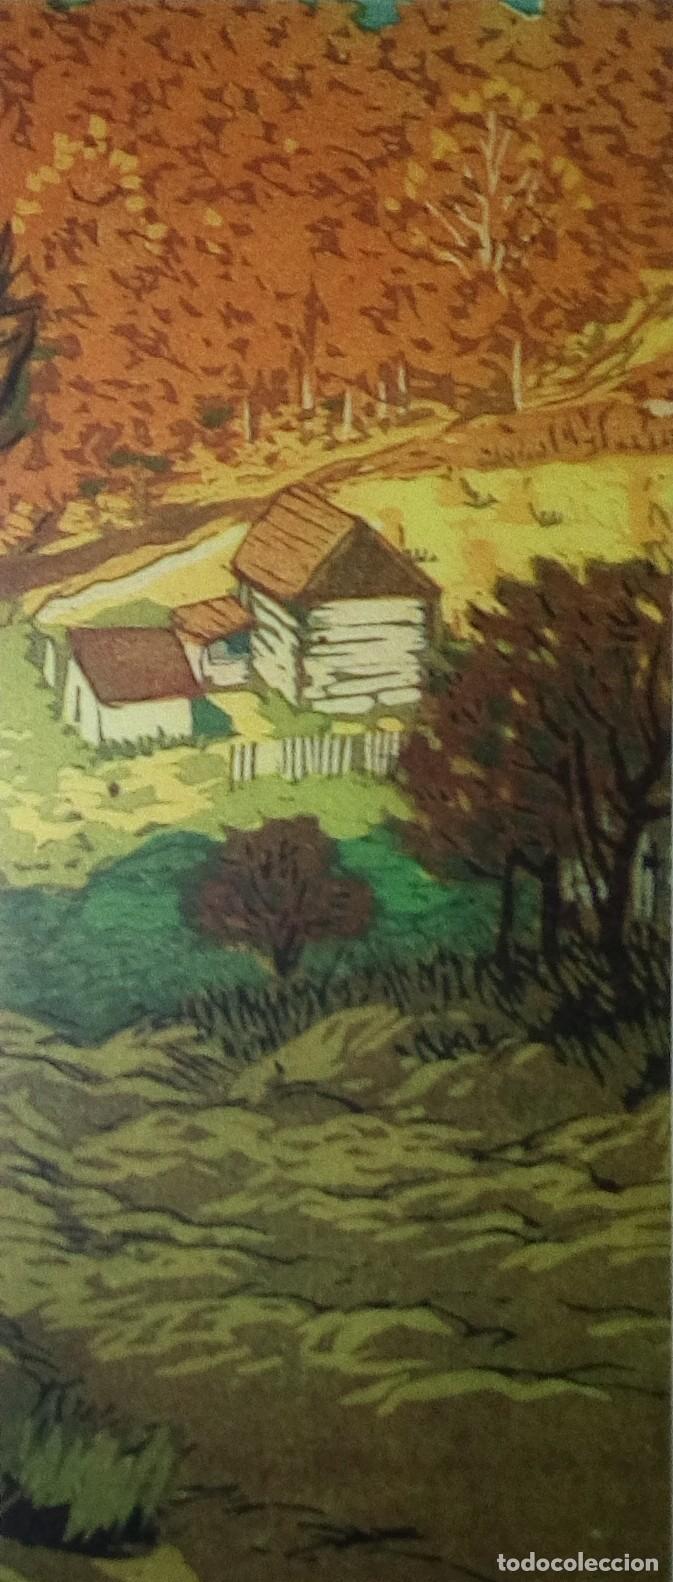 MARCAPÁGINAS EDITORIAL OLAÑETA.CONSTRUIRSE LA CASA (Coleccionismo - Marcapáginas)